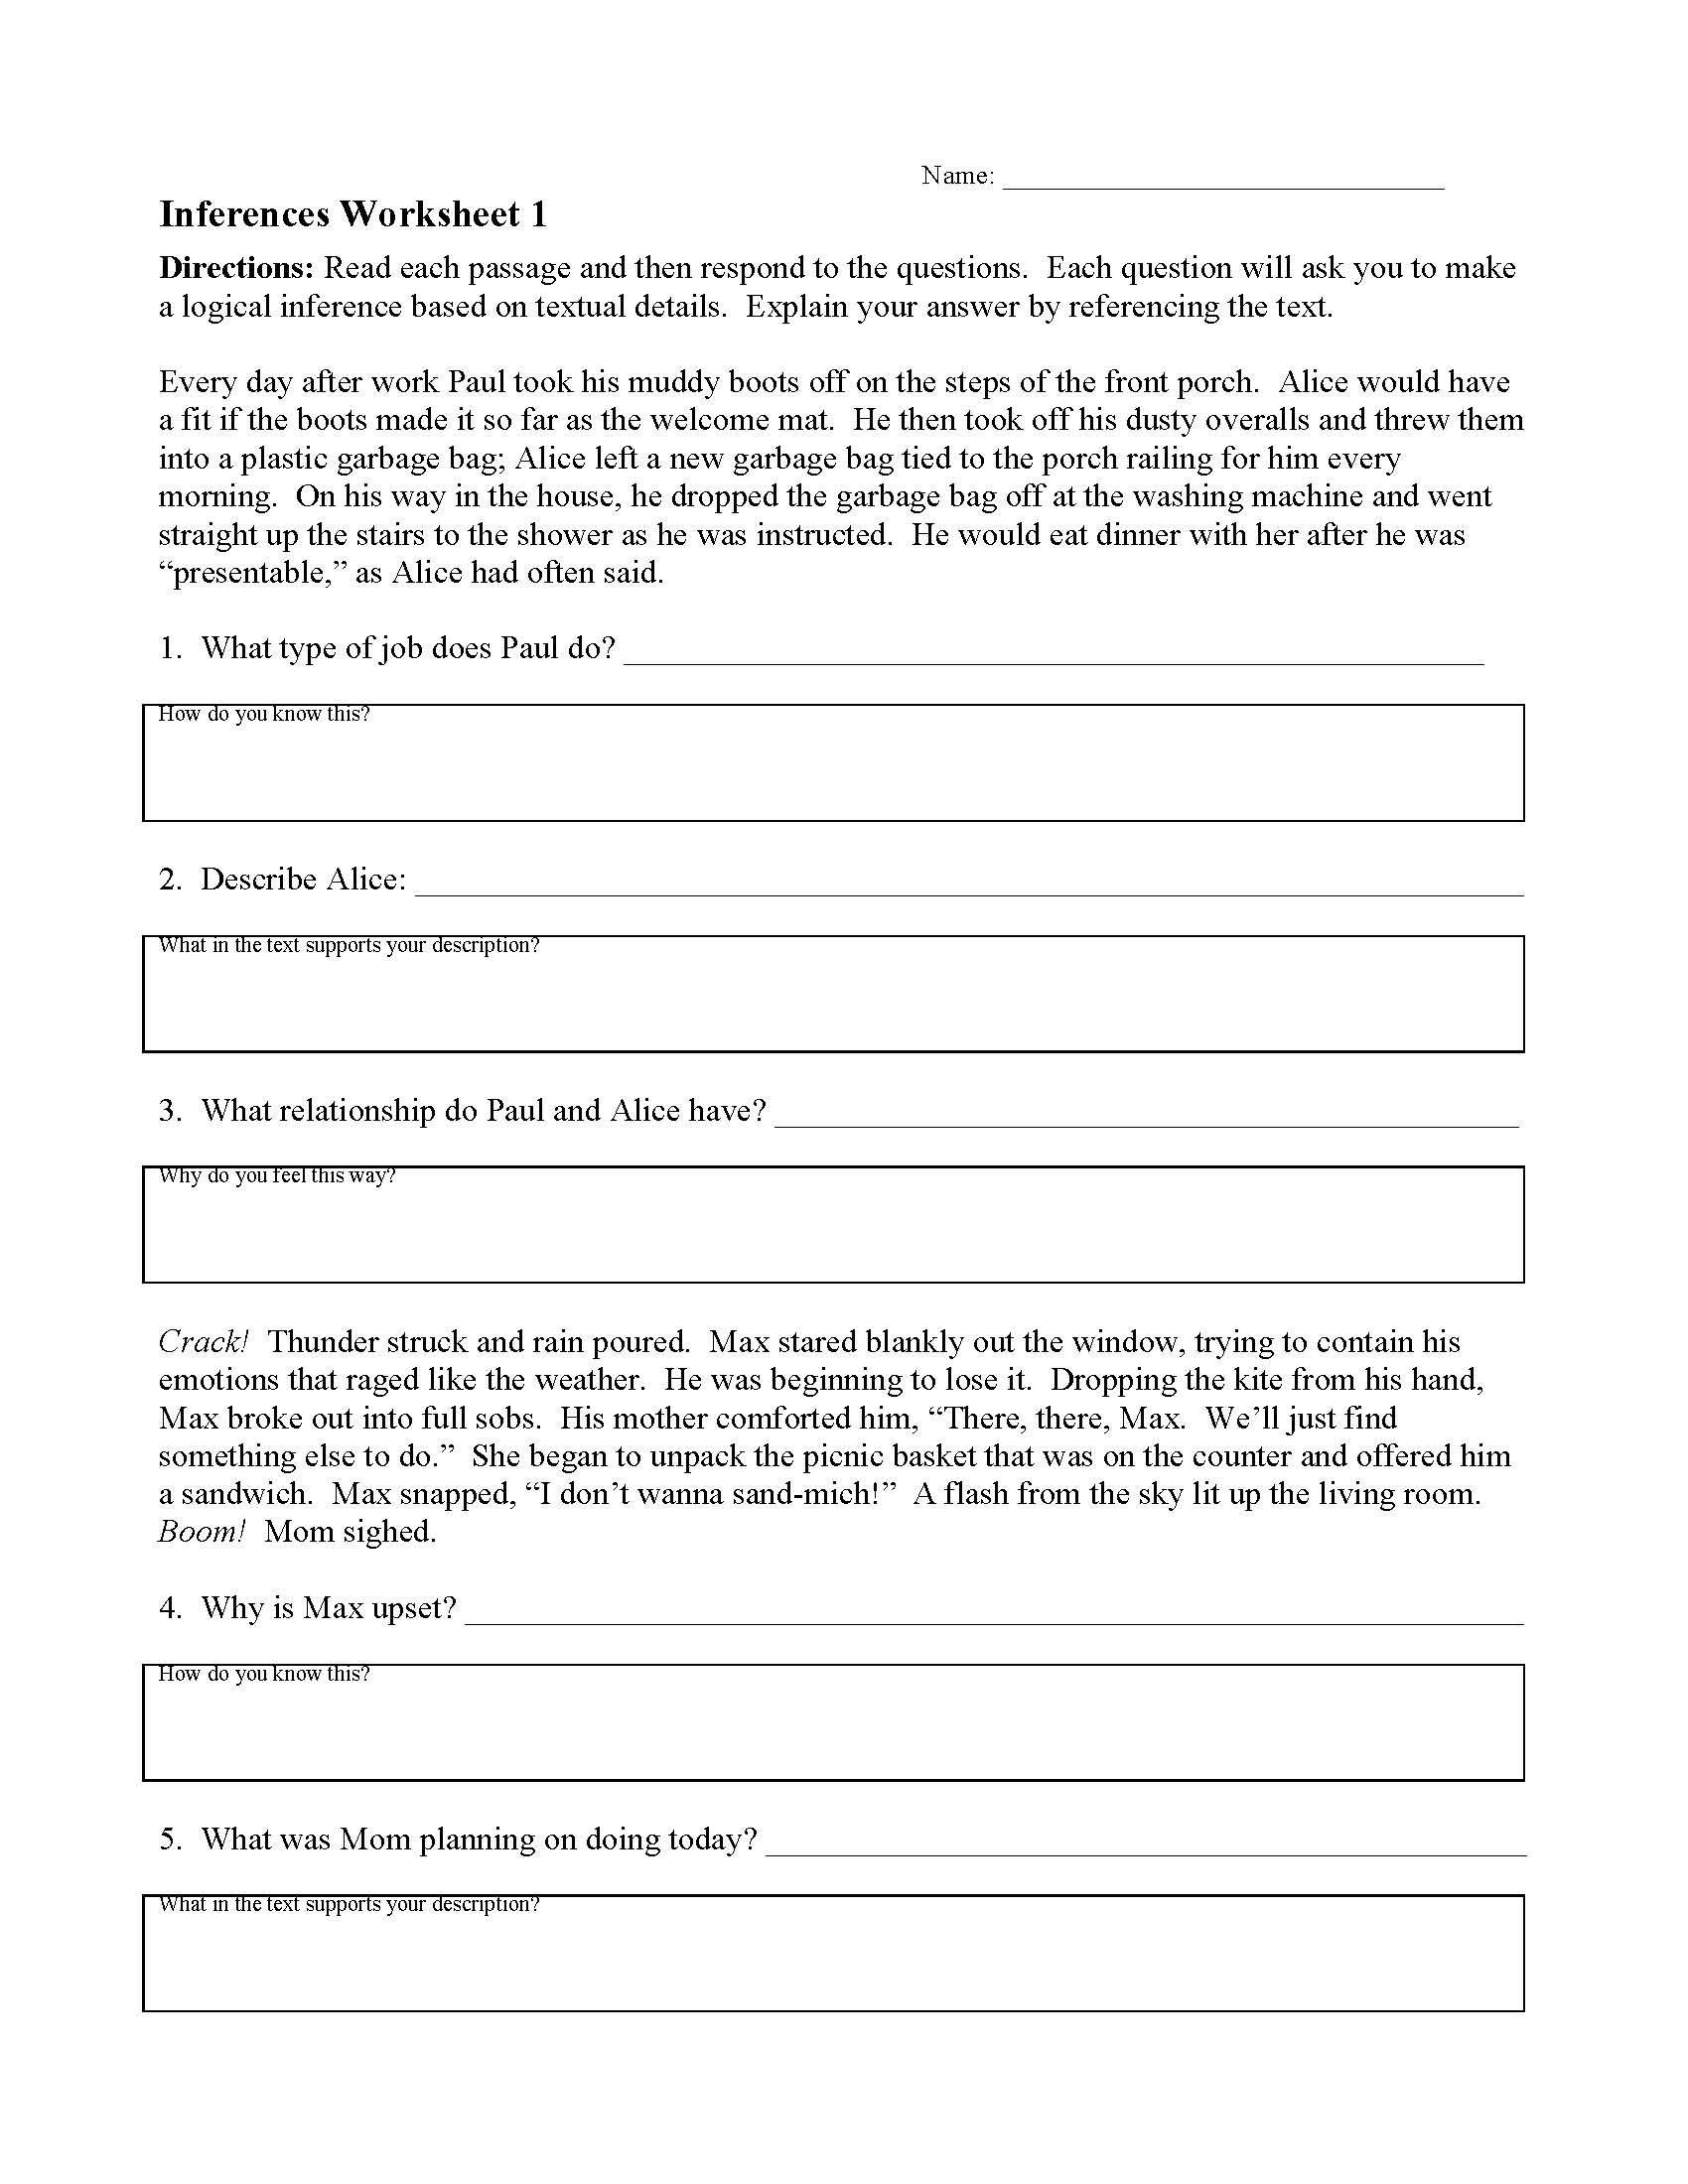 Inferencing Worksheet